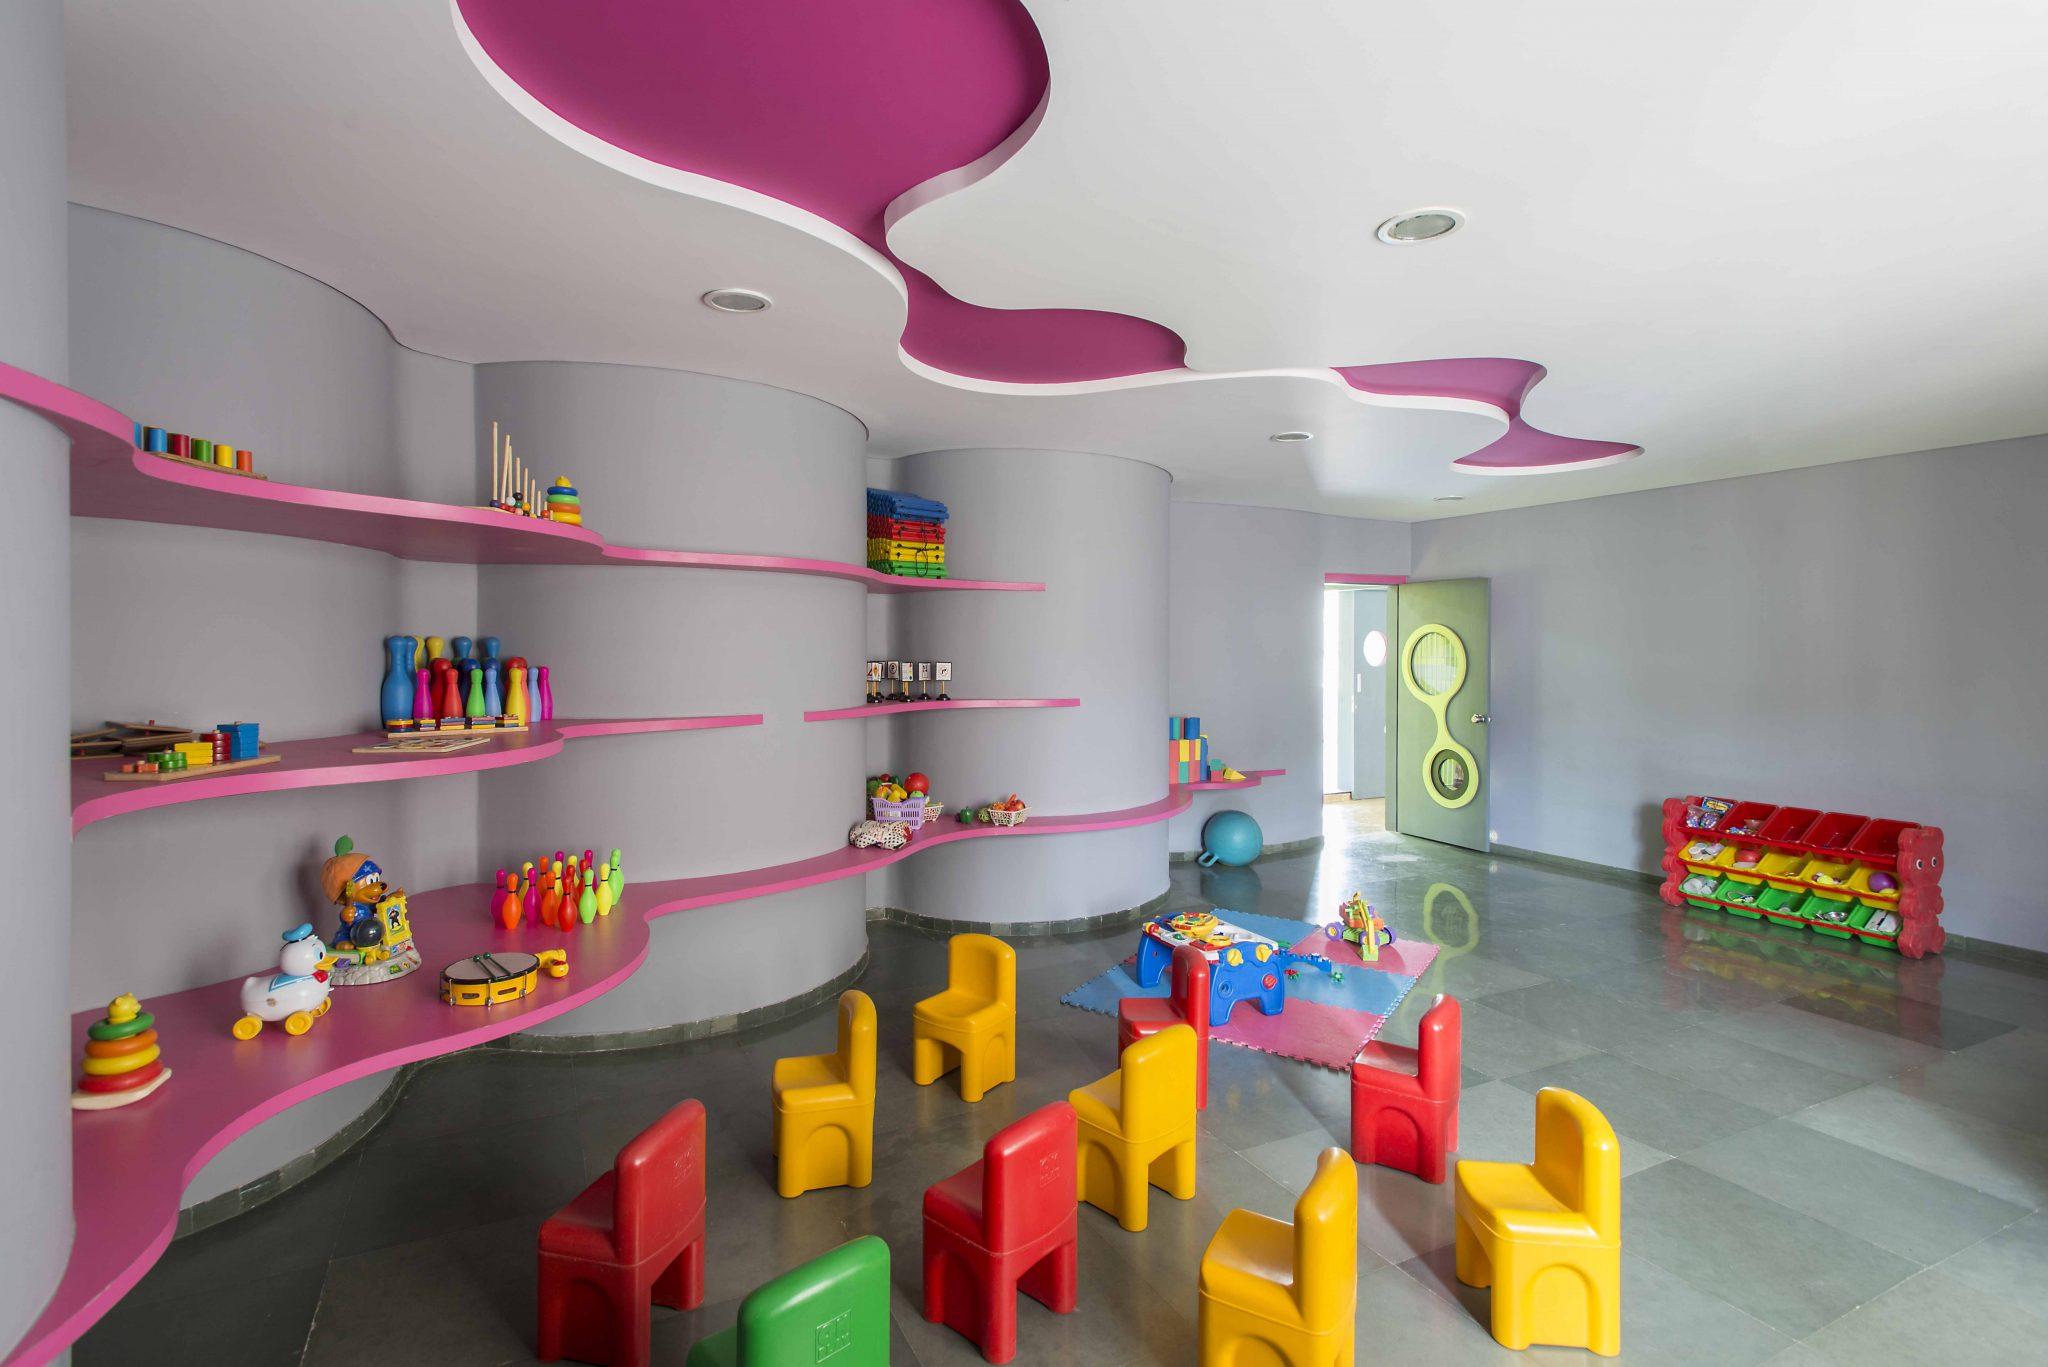 Design Schools In Bangalore